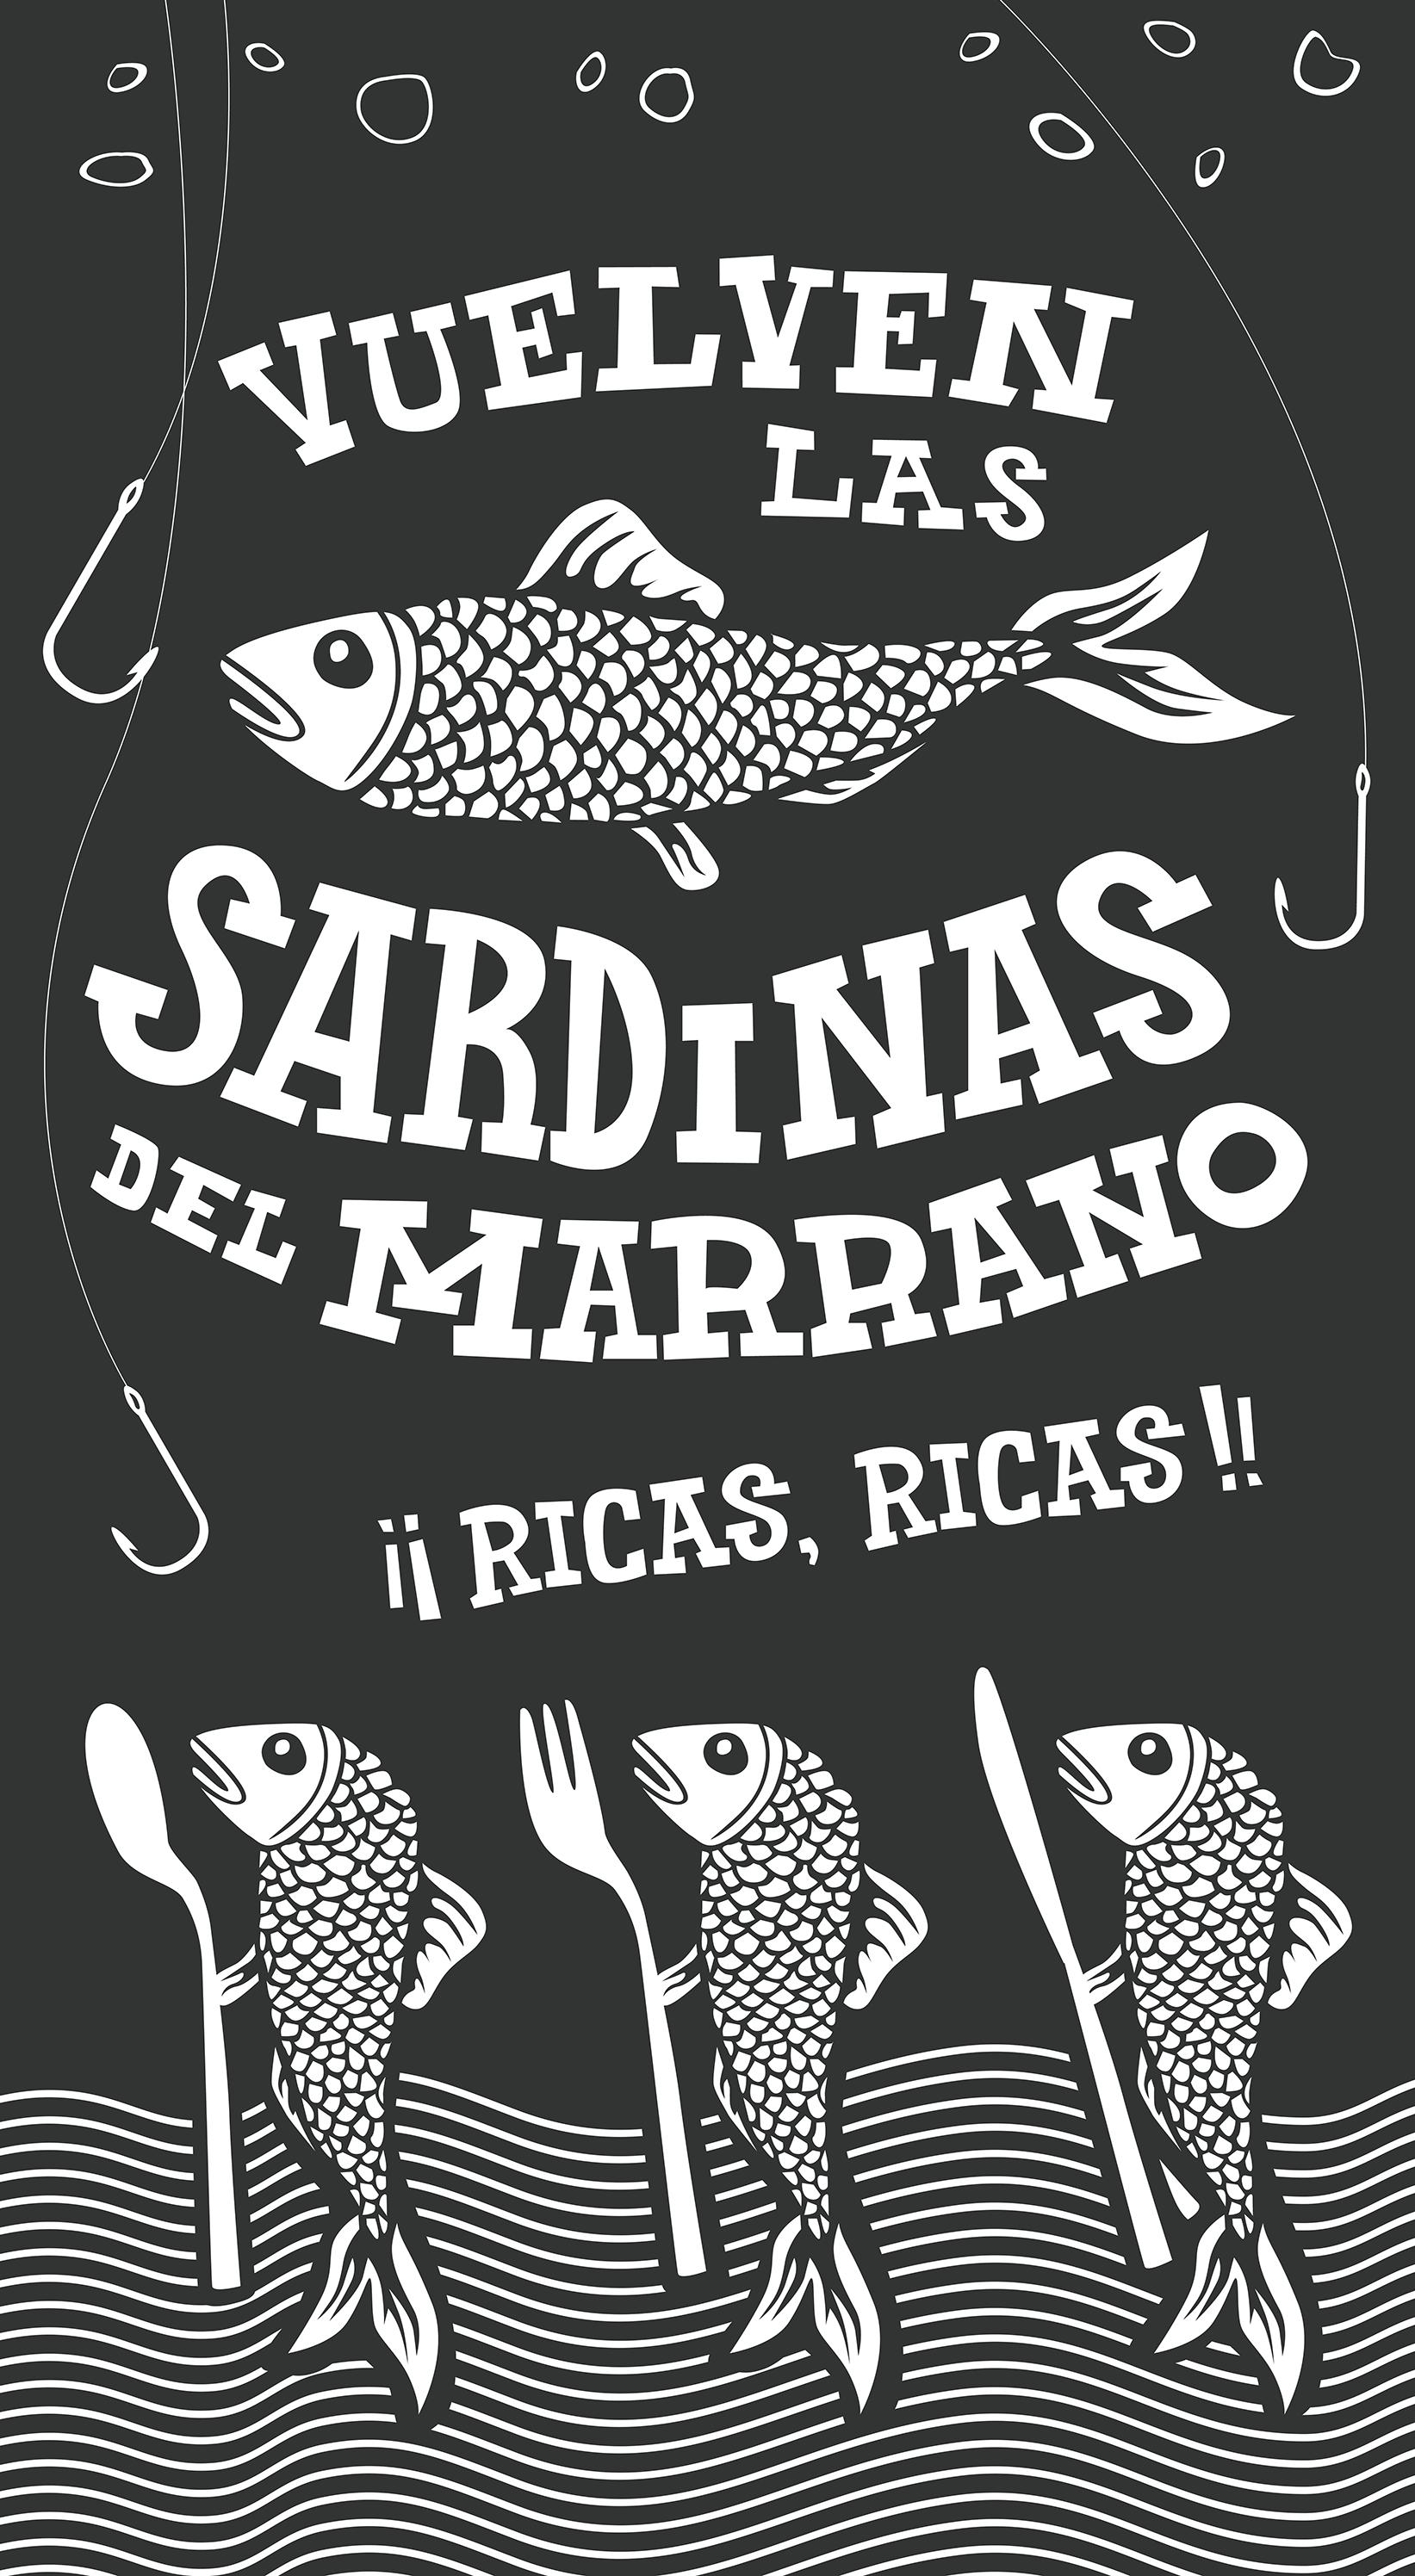 Cartel promocional para el bar Marrano